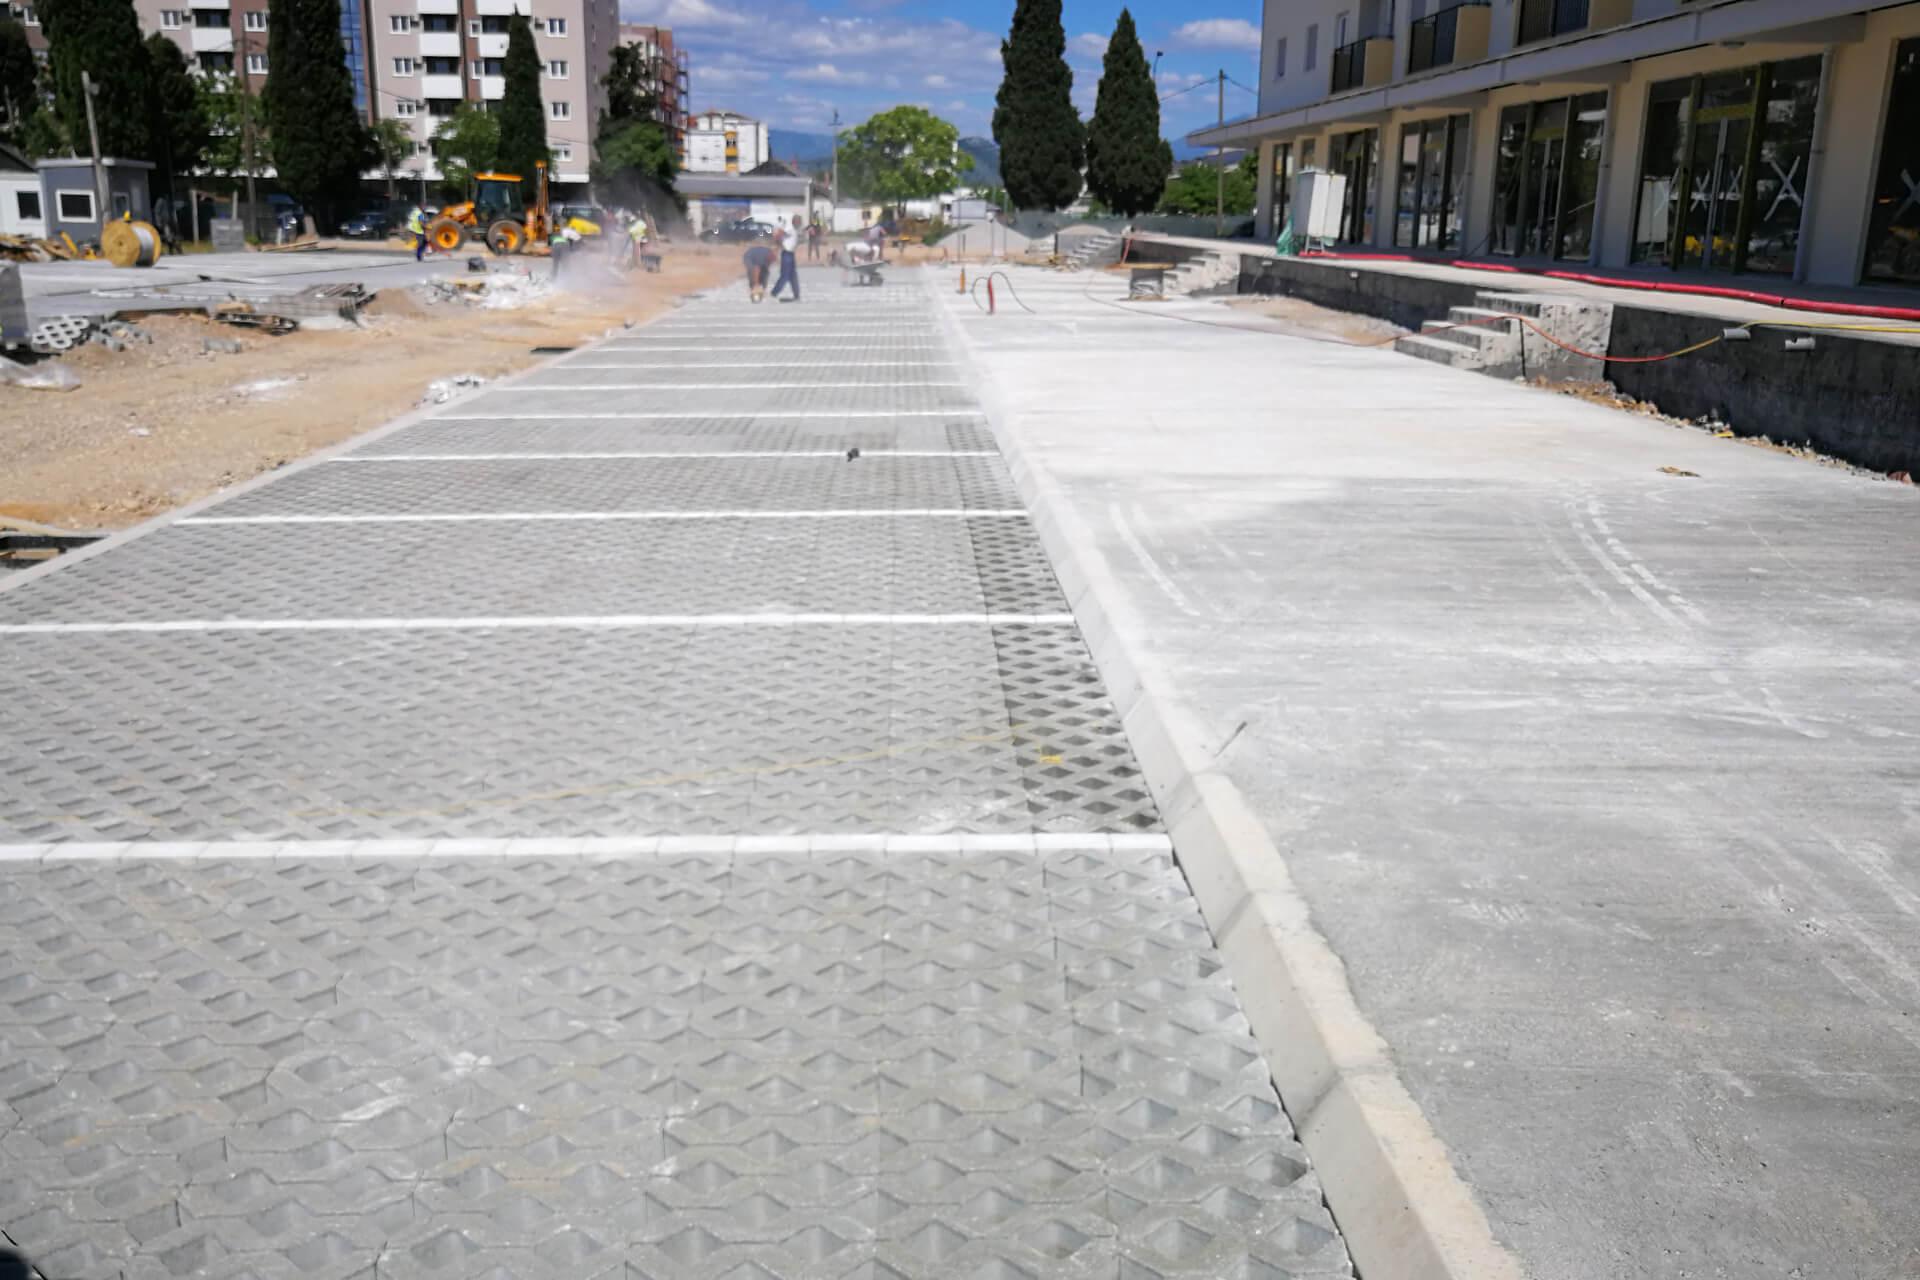 """Izgradnja saobraćajnice sa parkinzima u zahvatu DUP-a """"Blok 35-36"""""""